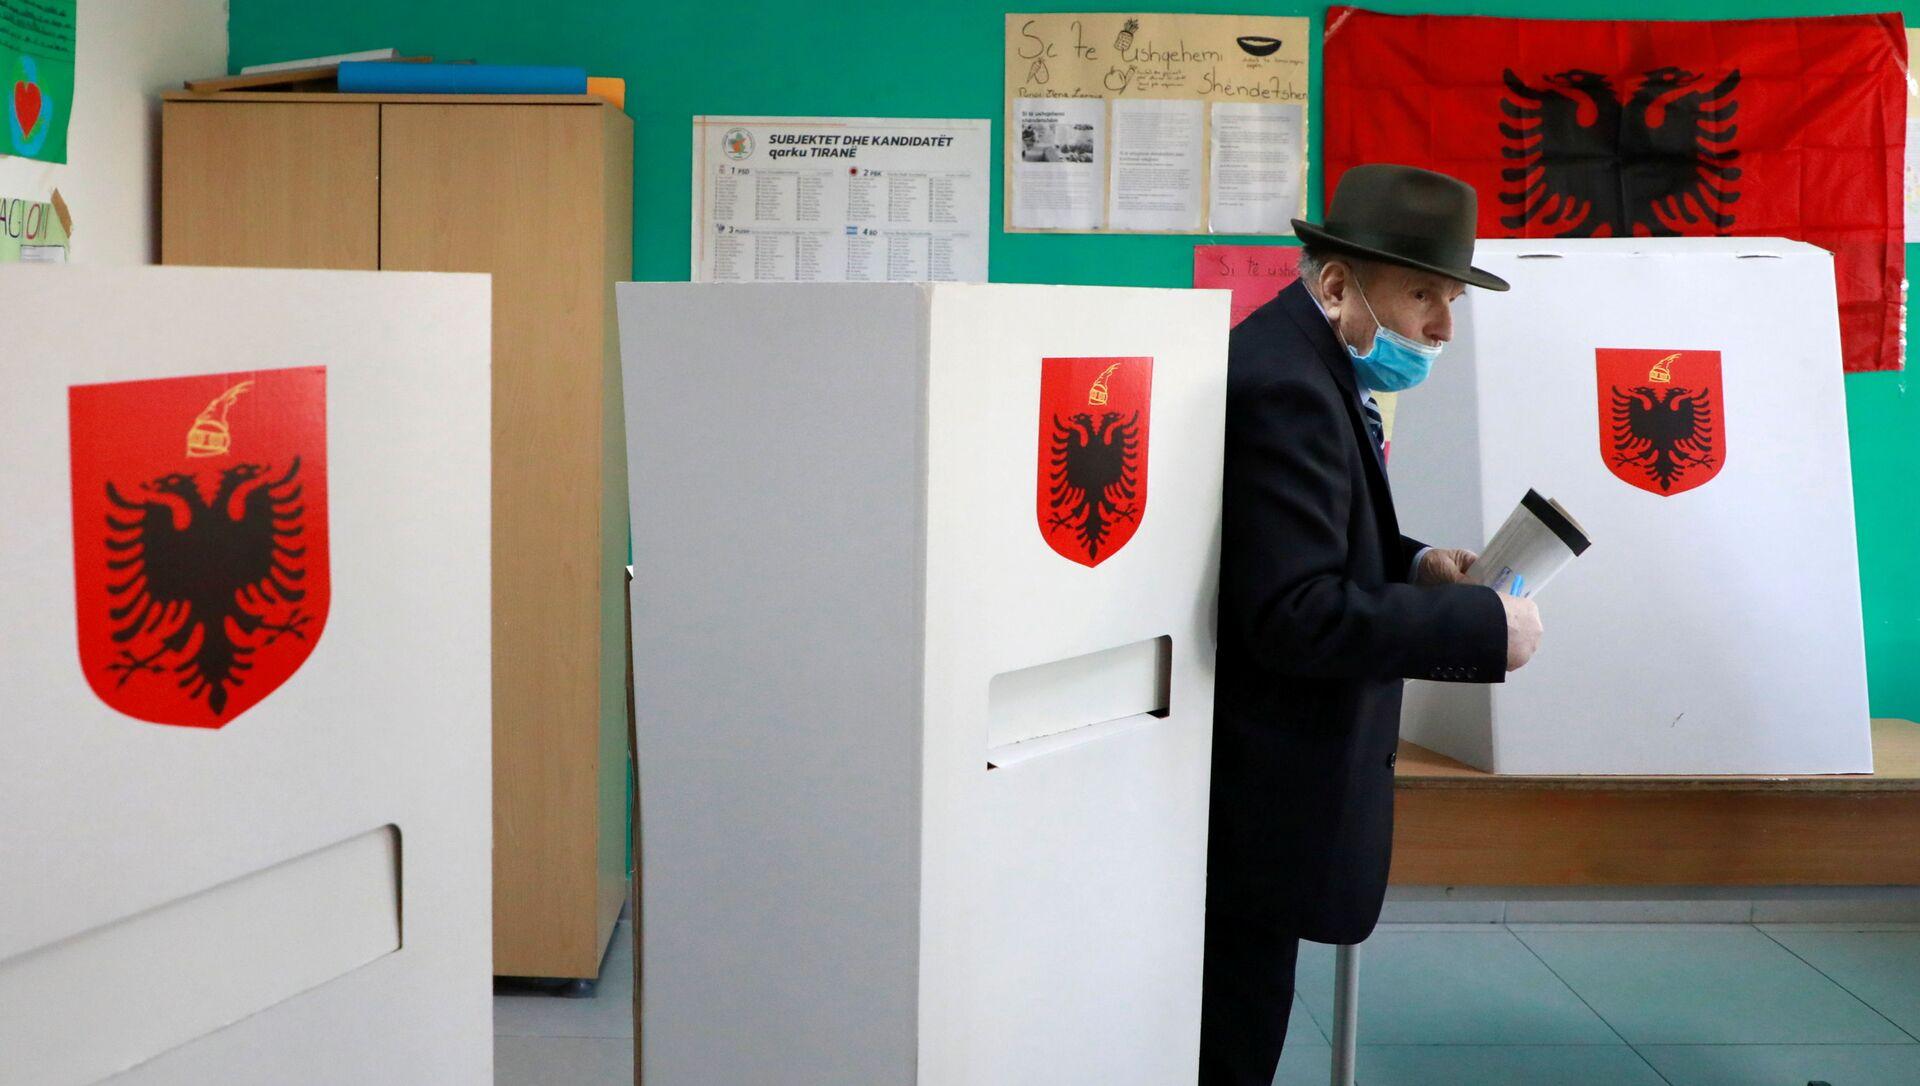 Le elezioni parlamentari in Albania, il 25 aprile 2021 - Sputnik Italia, 1920, 18.05.2021